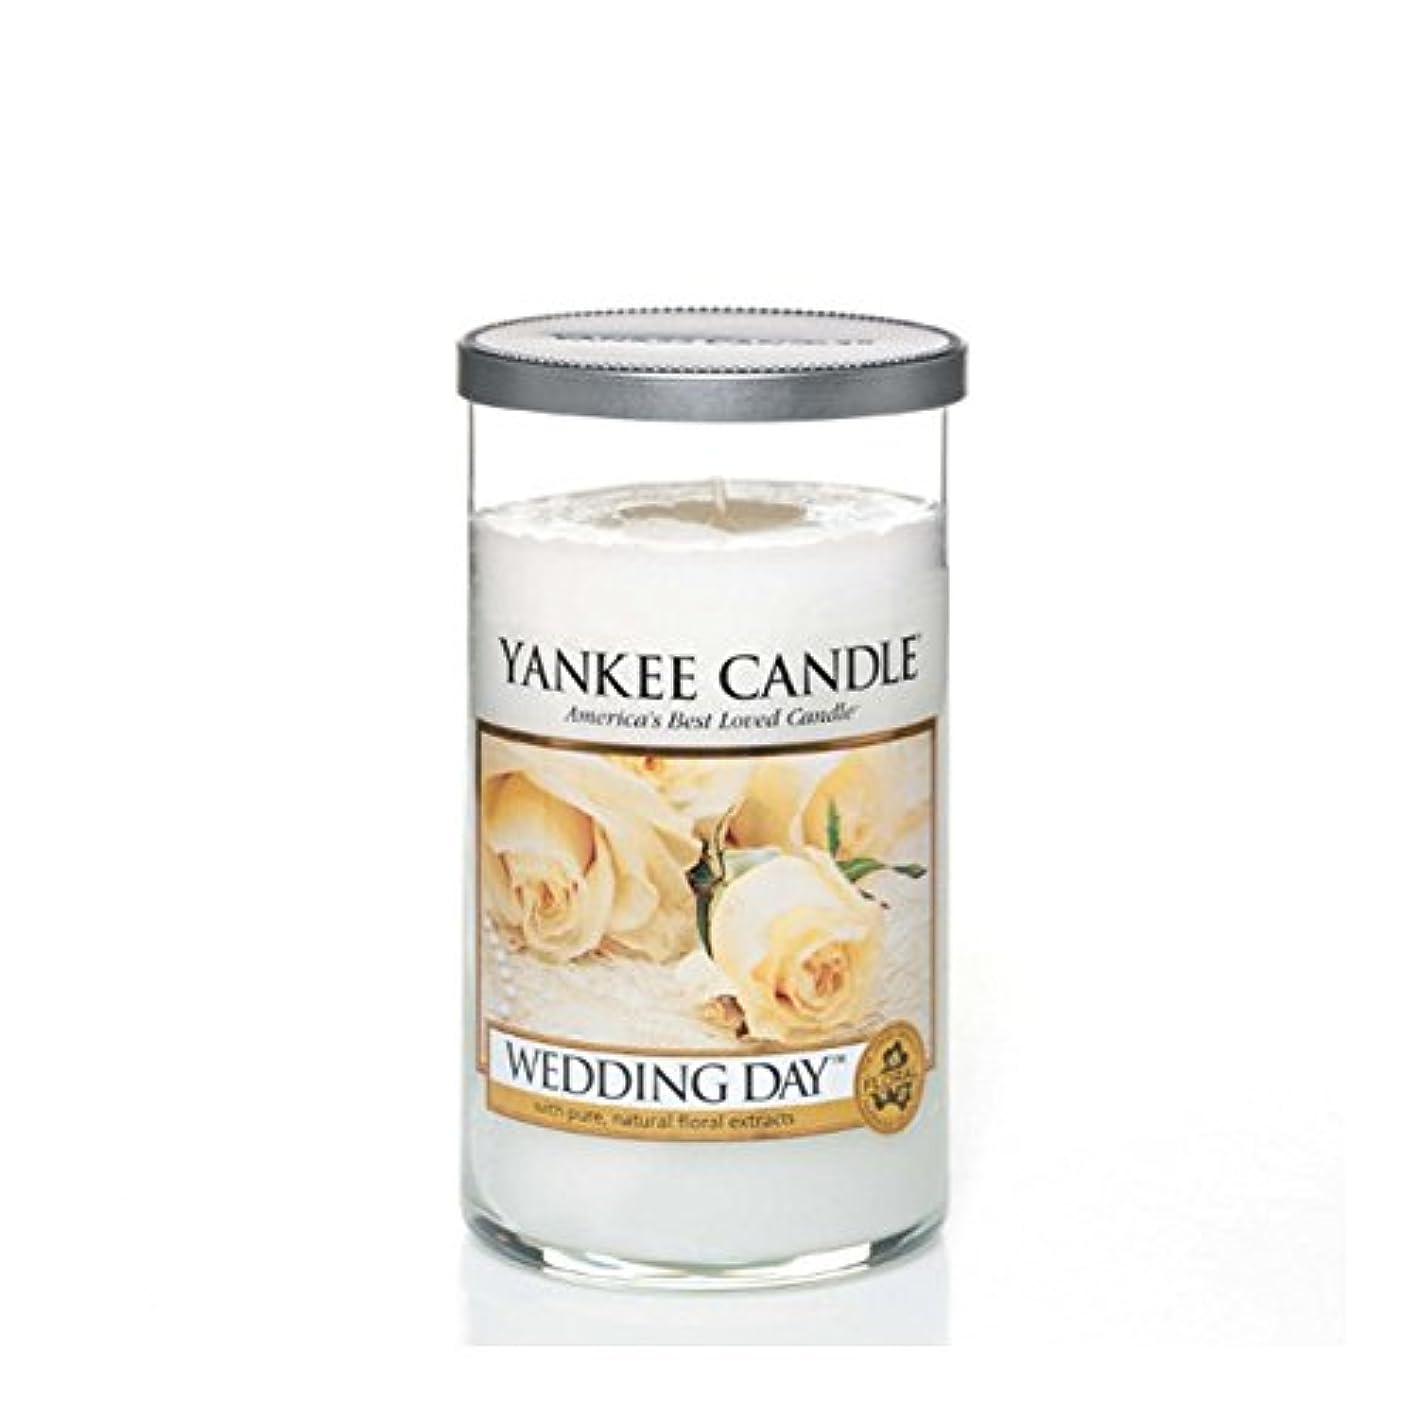 コンベンションアリーナスクリューヤンキーキャンドルメディアピラーキャンドル - 結婚式の日 - Yankee Candles Medium Pillar Candle - Wedding Day (Yankee Candles) [並行輸入品]